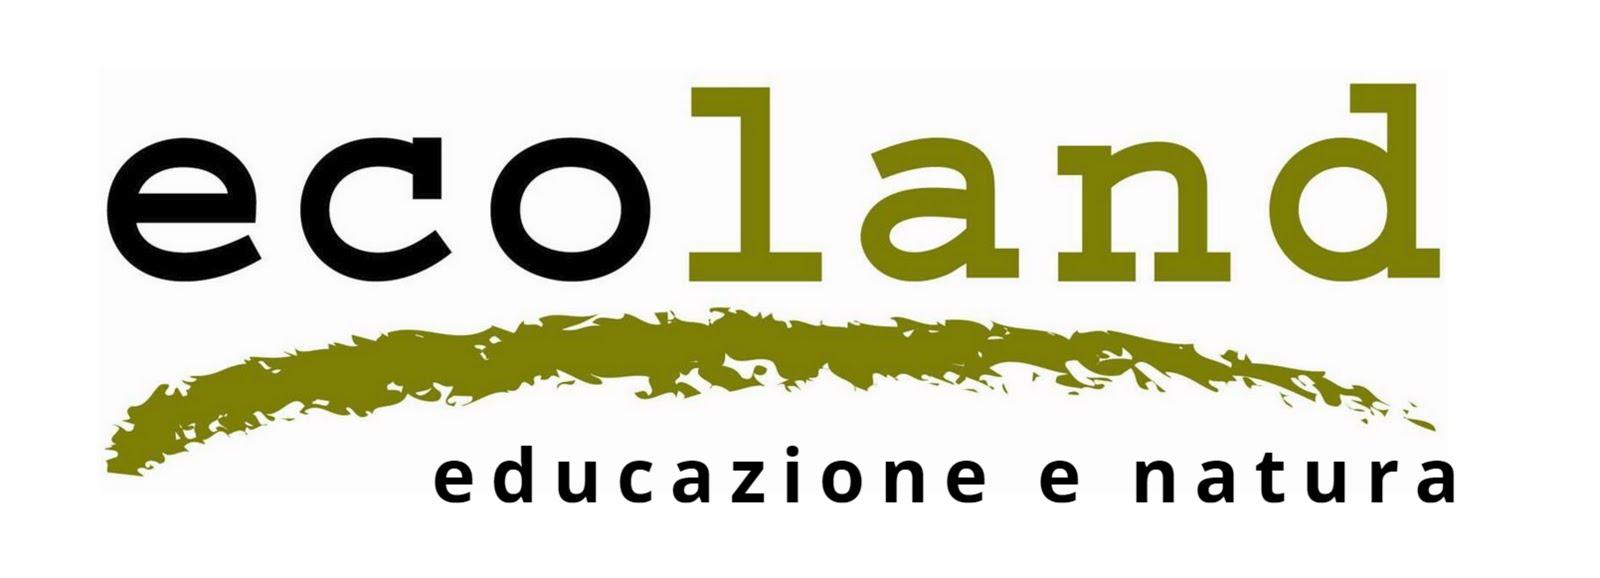 Ecoland - educazione e natura